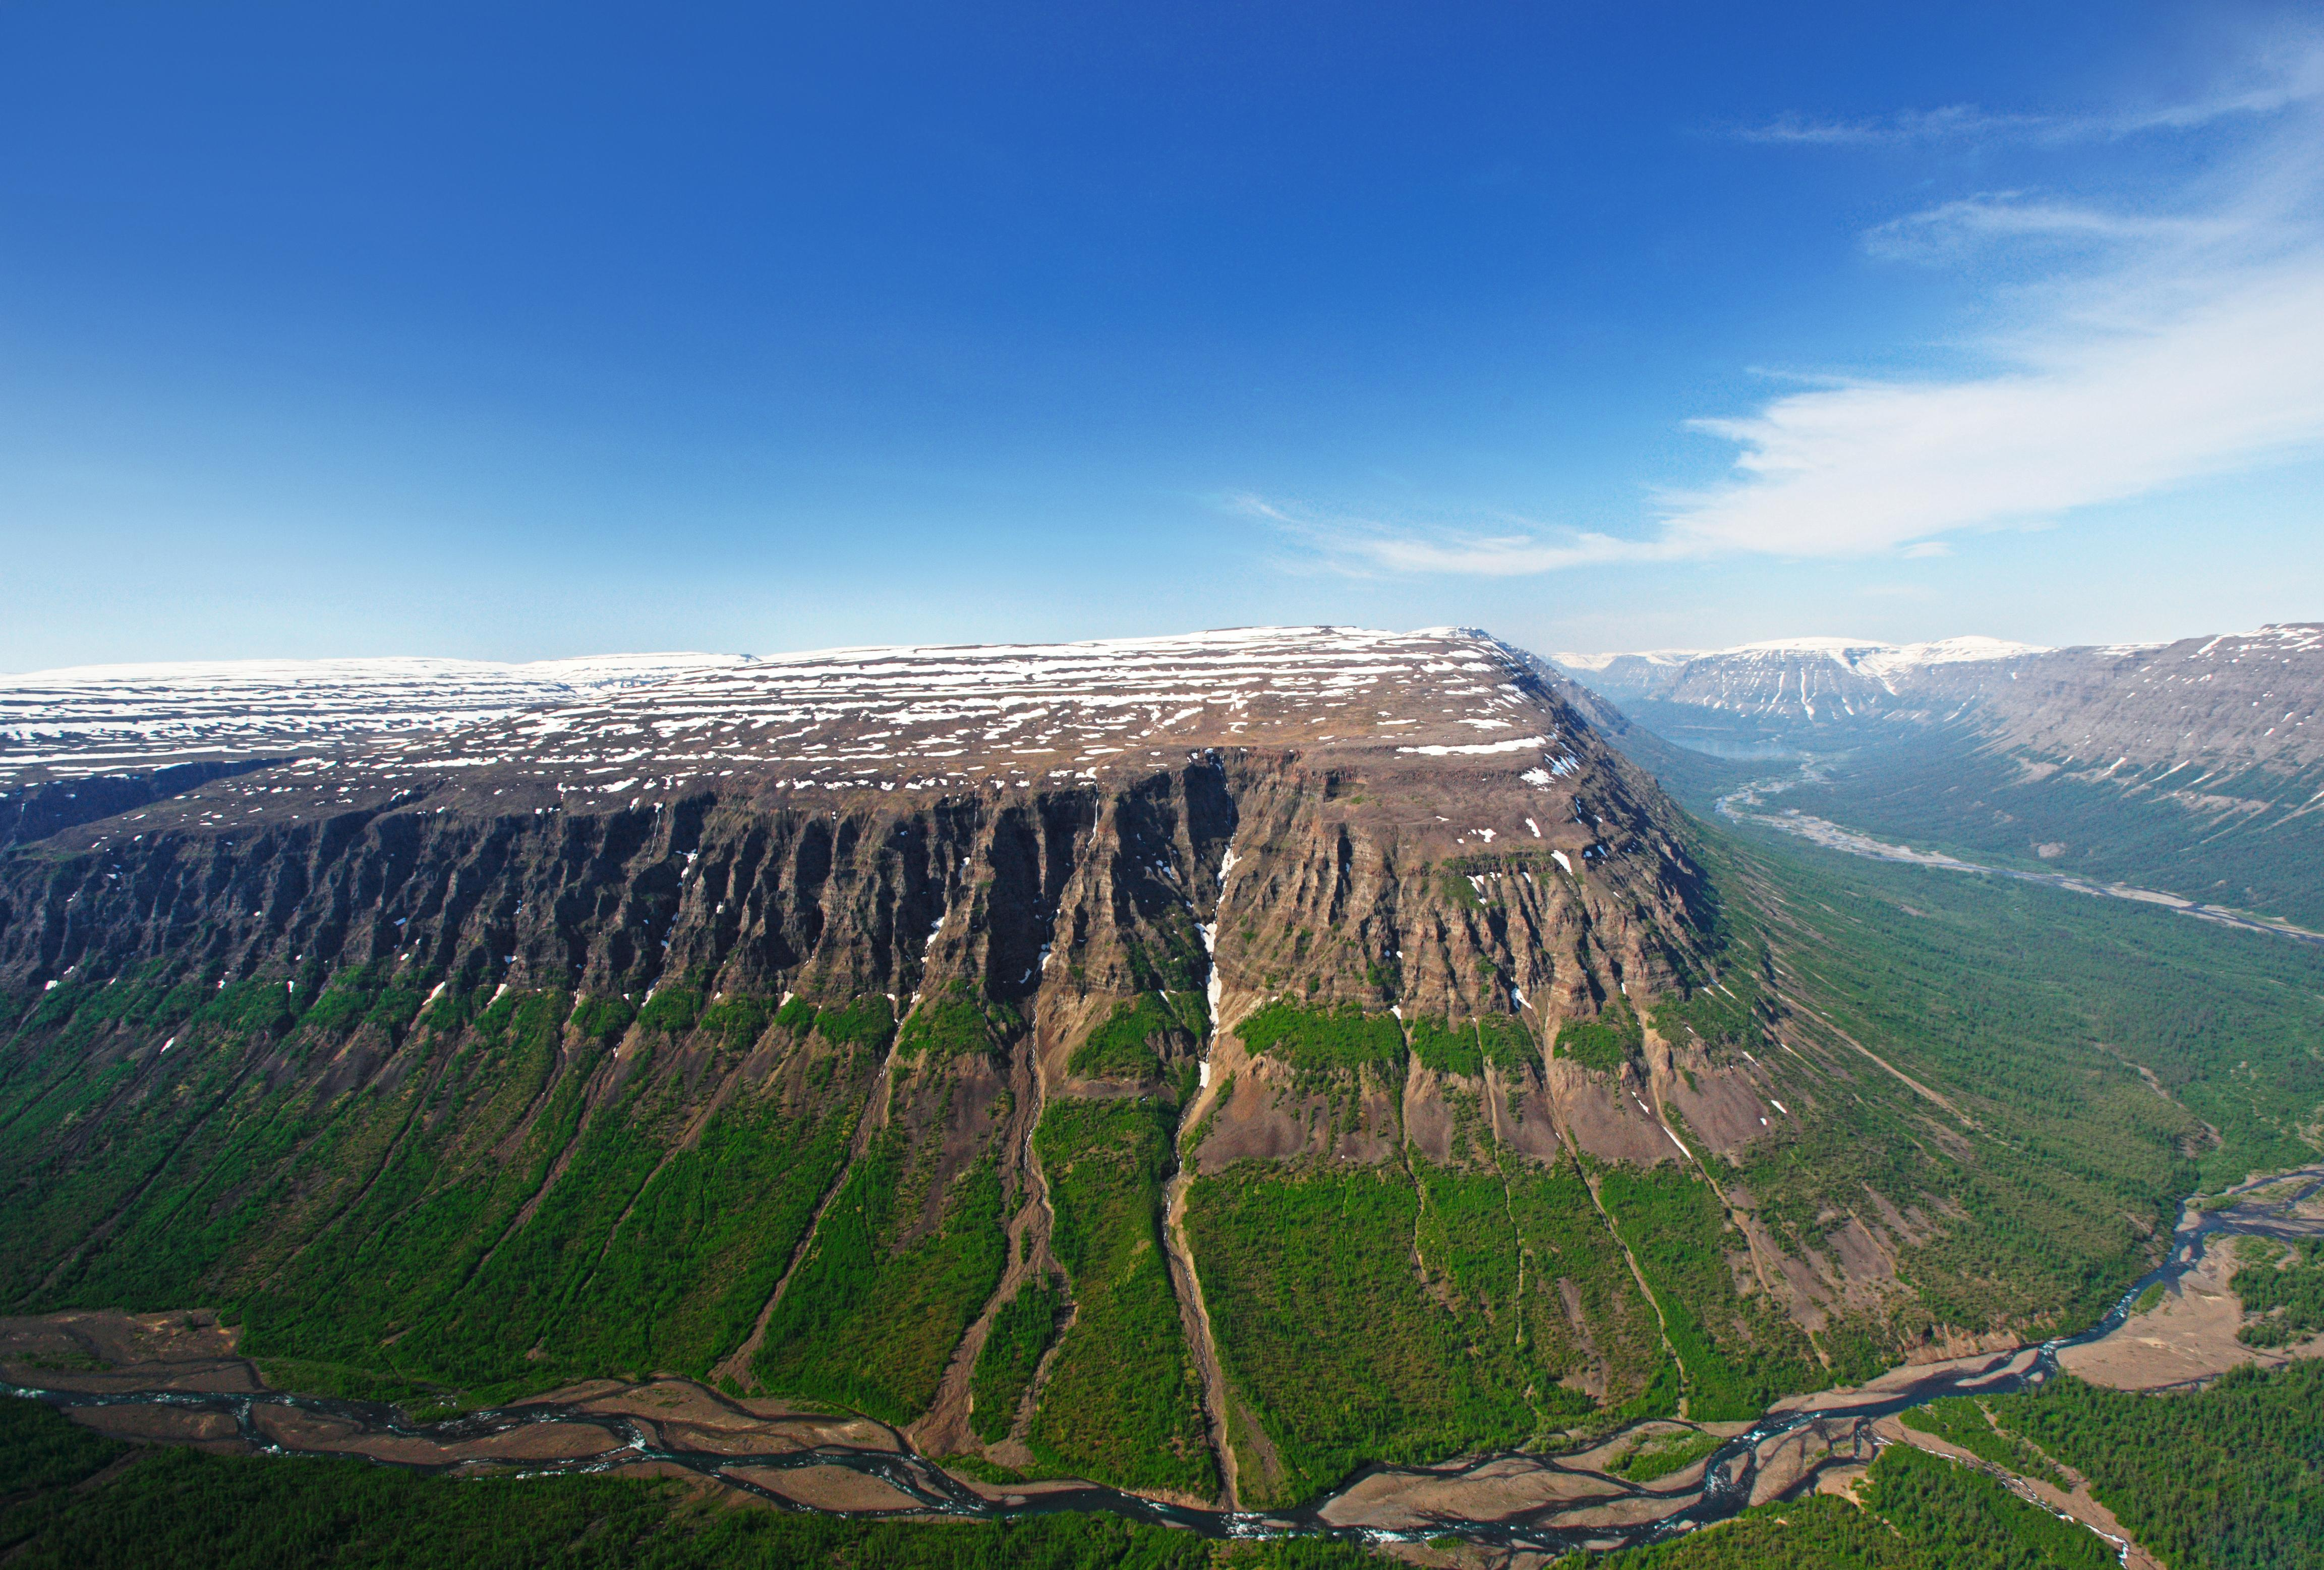 A Siberian Plateau